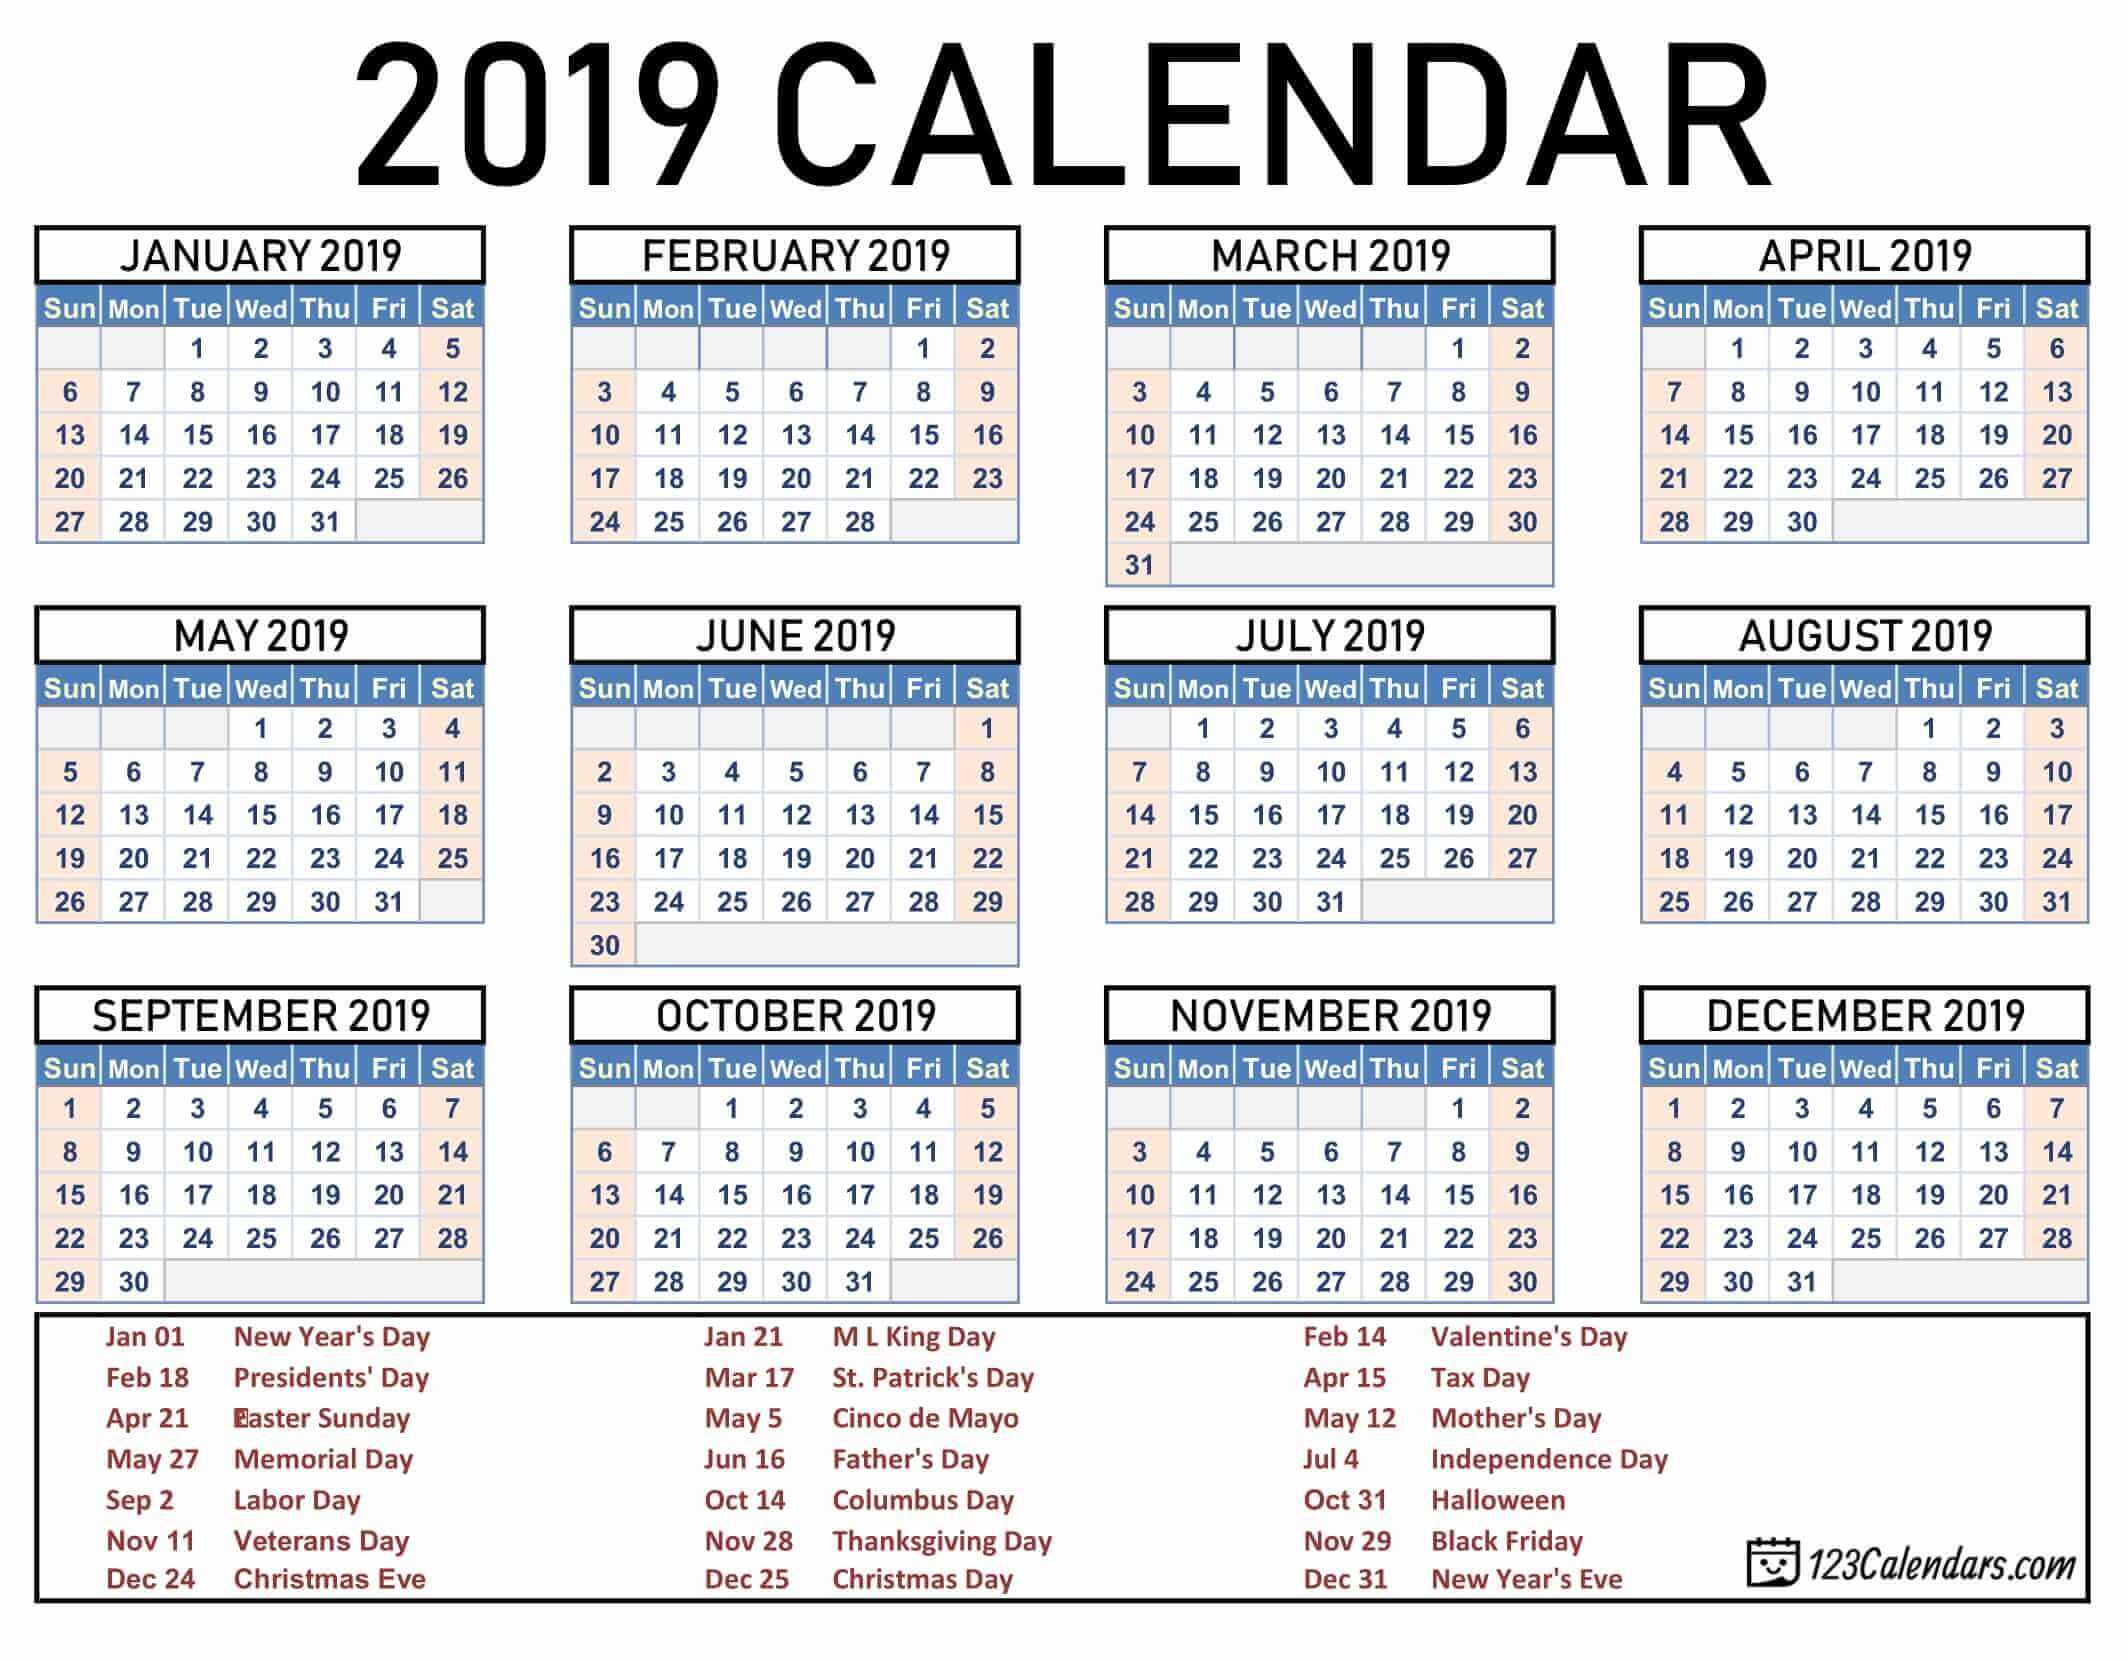 Free Printable Calendar | 123Calendars.com